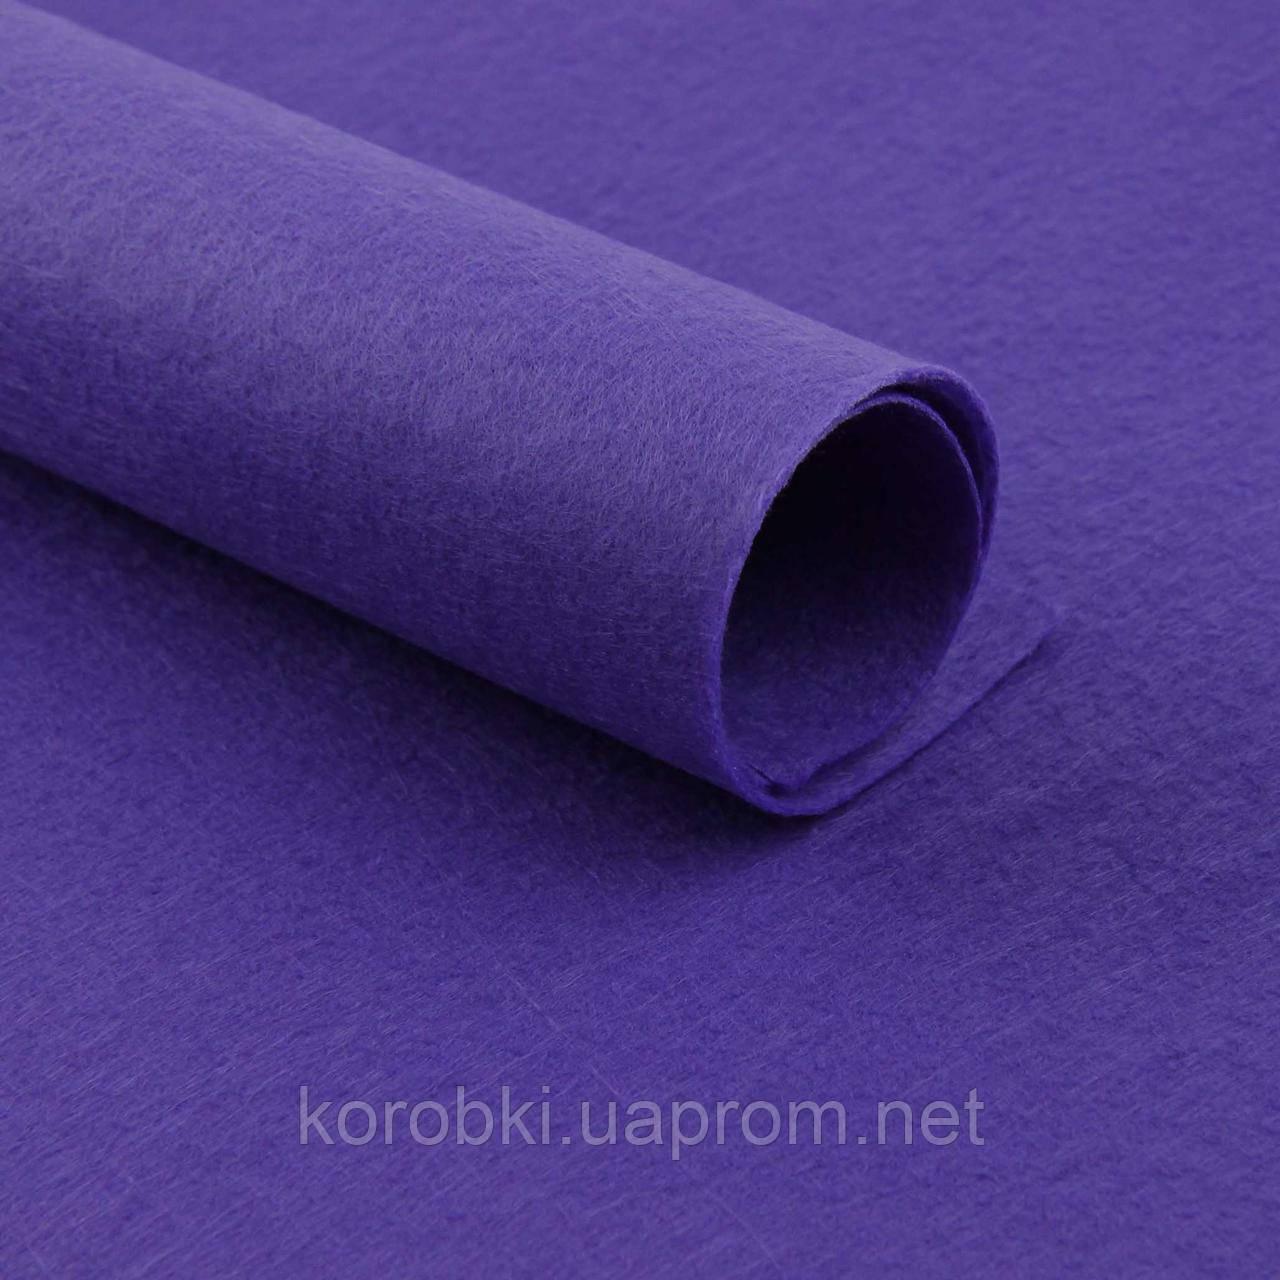 Фетр однотонный, цвет D16, 1824243-1 (70*50 см, толщина 1 мм, 10 листов в упаковке)